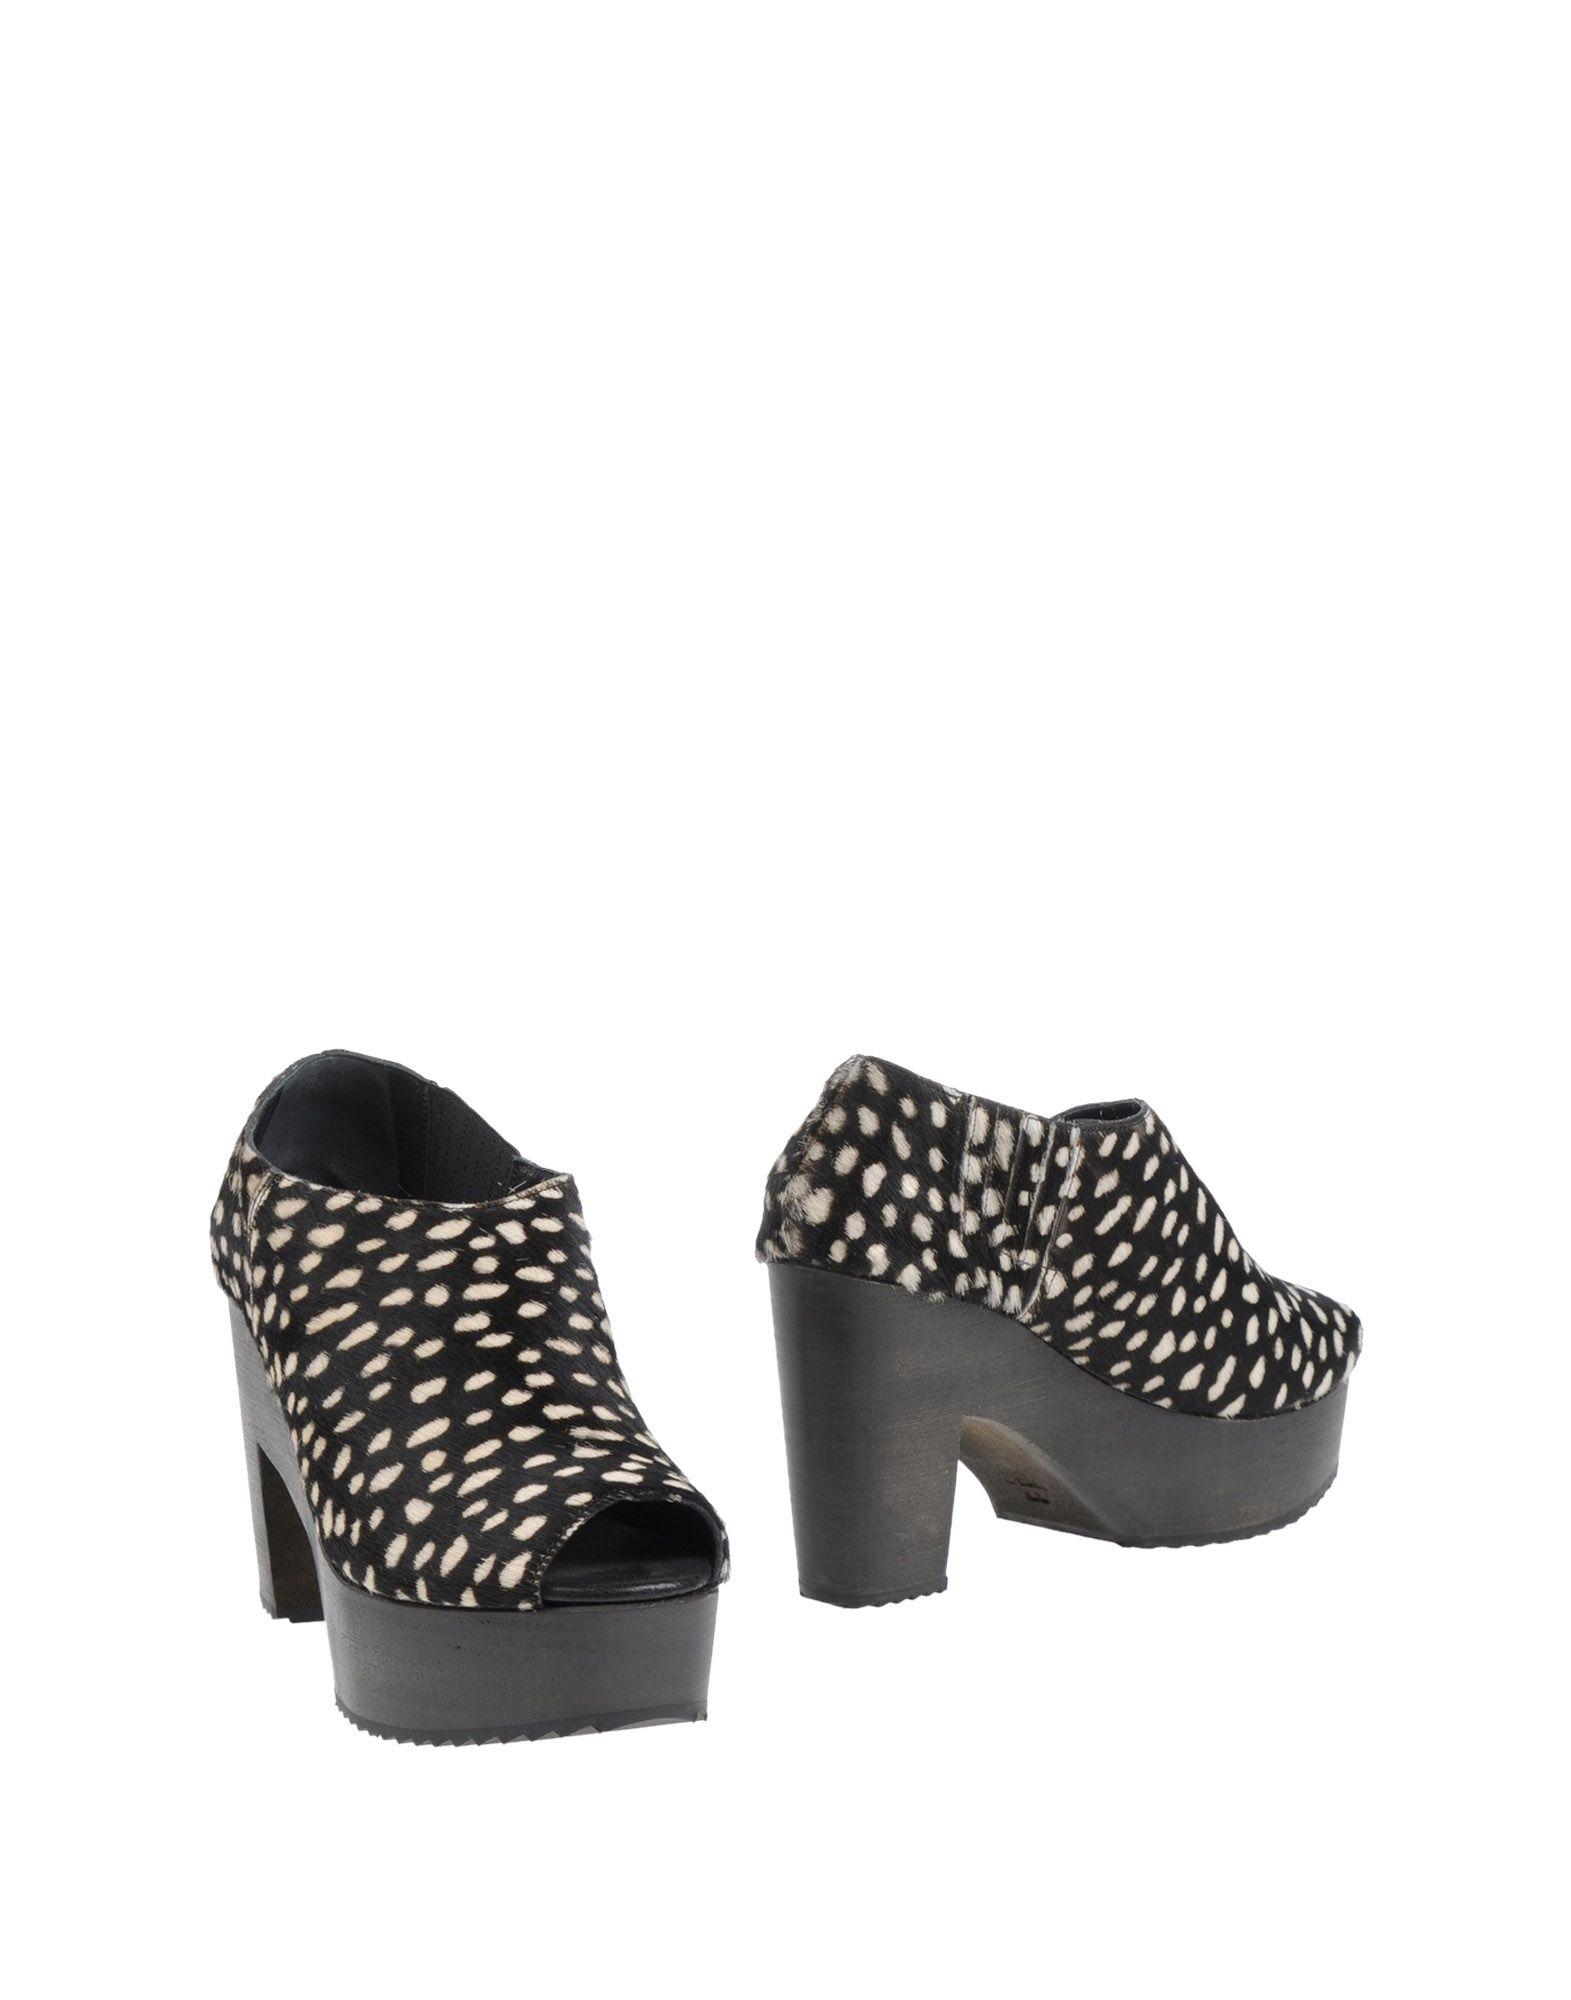 Antidoti Stiefelette Damen  11161757CL Gute Qualität beliebte Schuhe